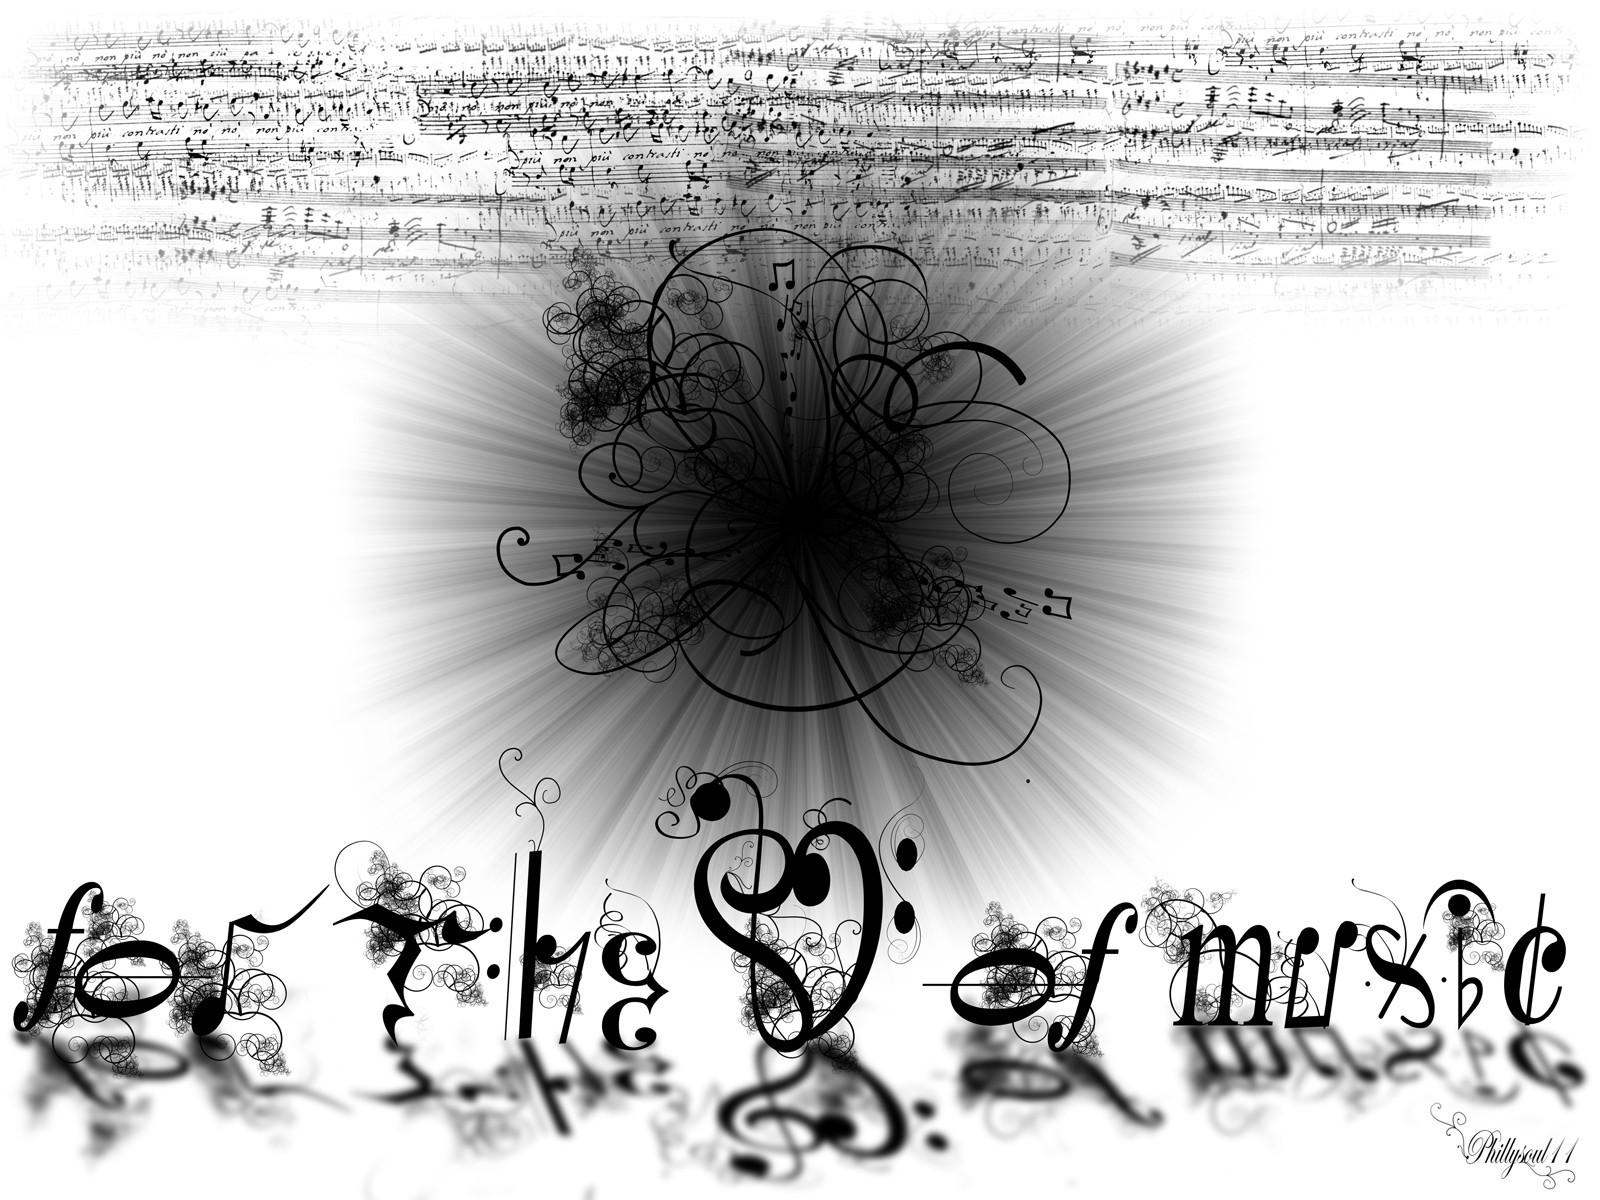 Sfondi Disegno Illustrazione Monocromo Testo Musica Modello